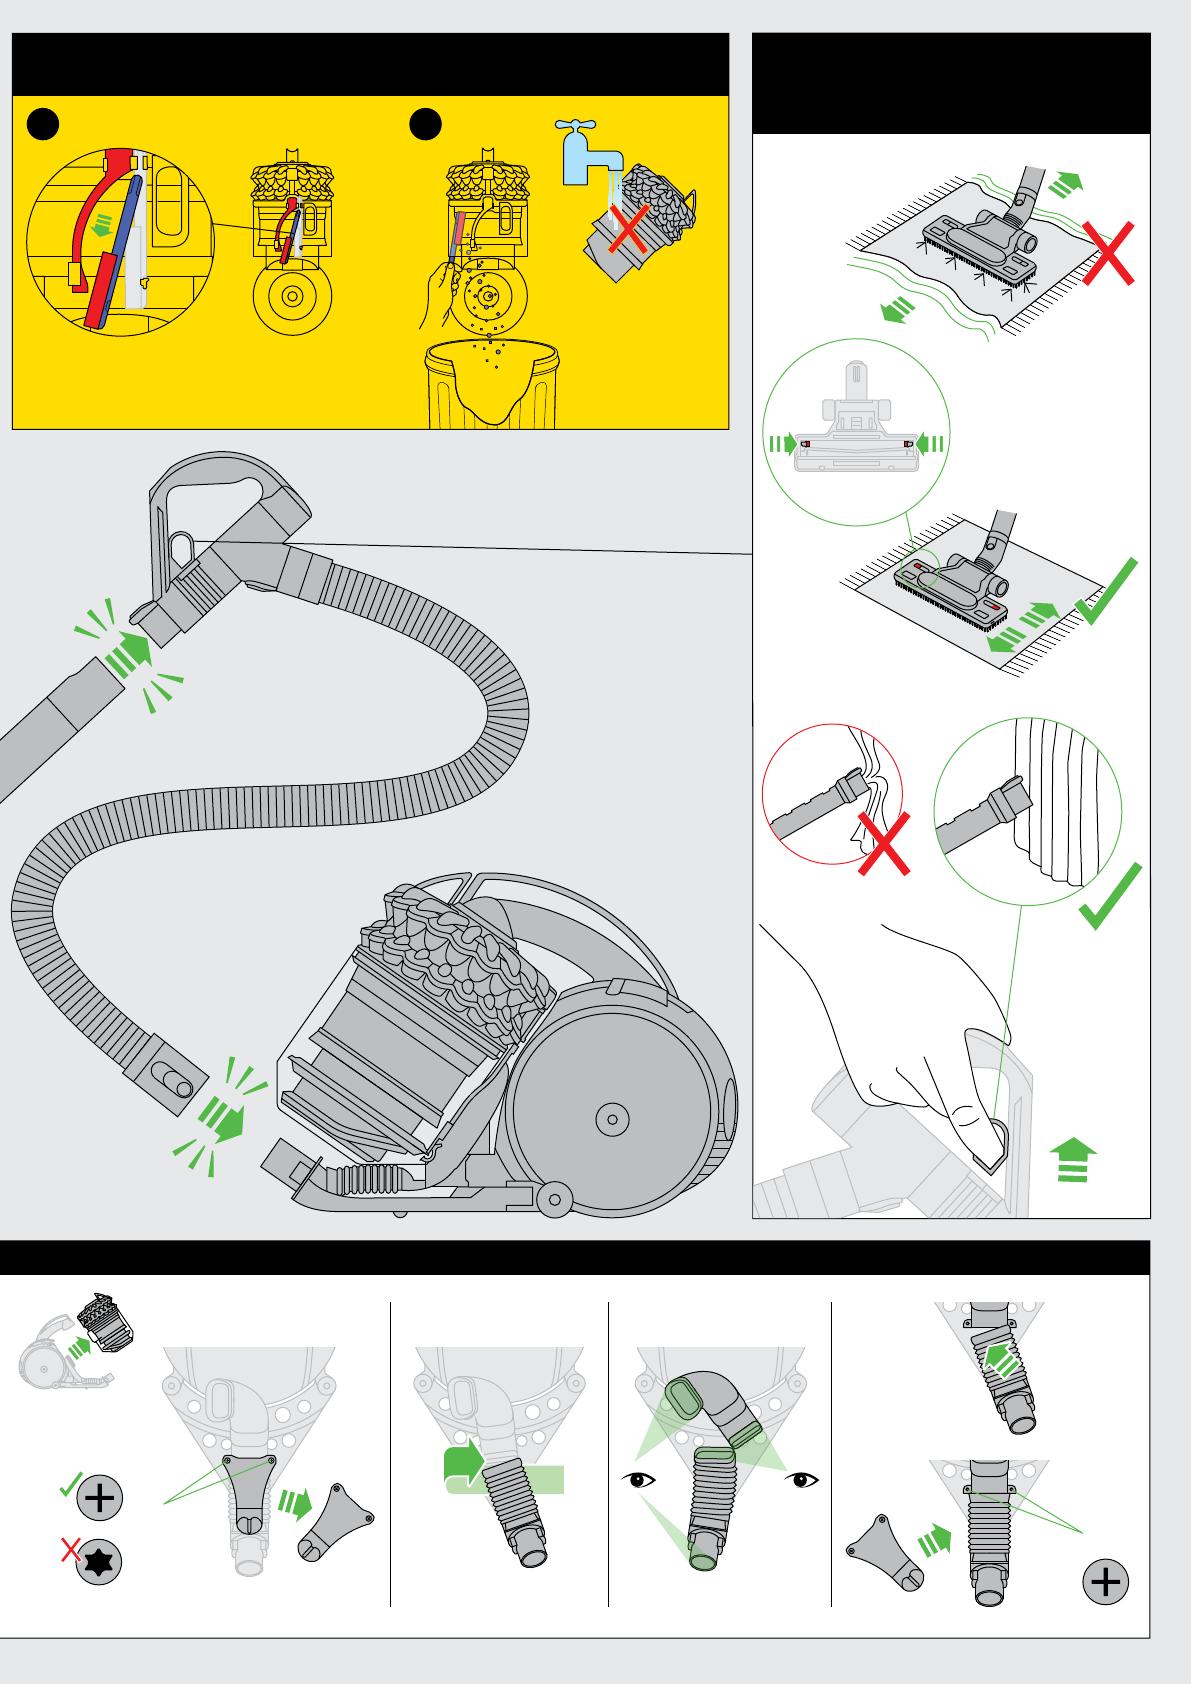 Пылесос дайсон 18 инструкция пылесос дайсон официальный сайт интернет магазин